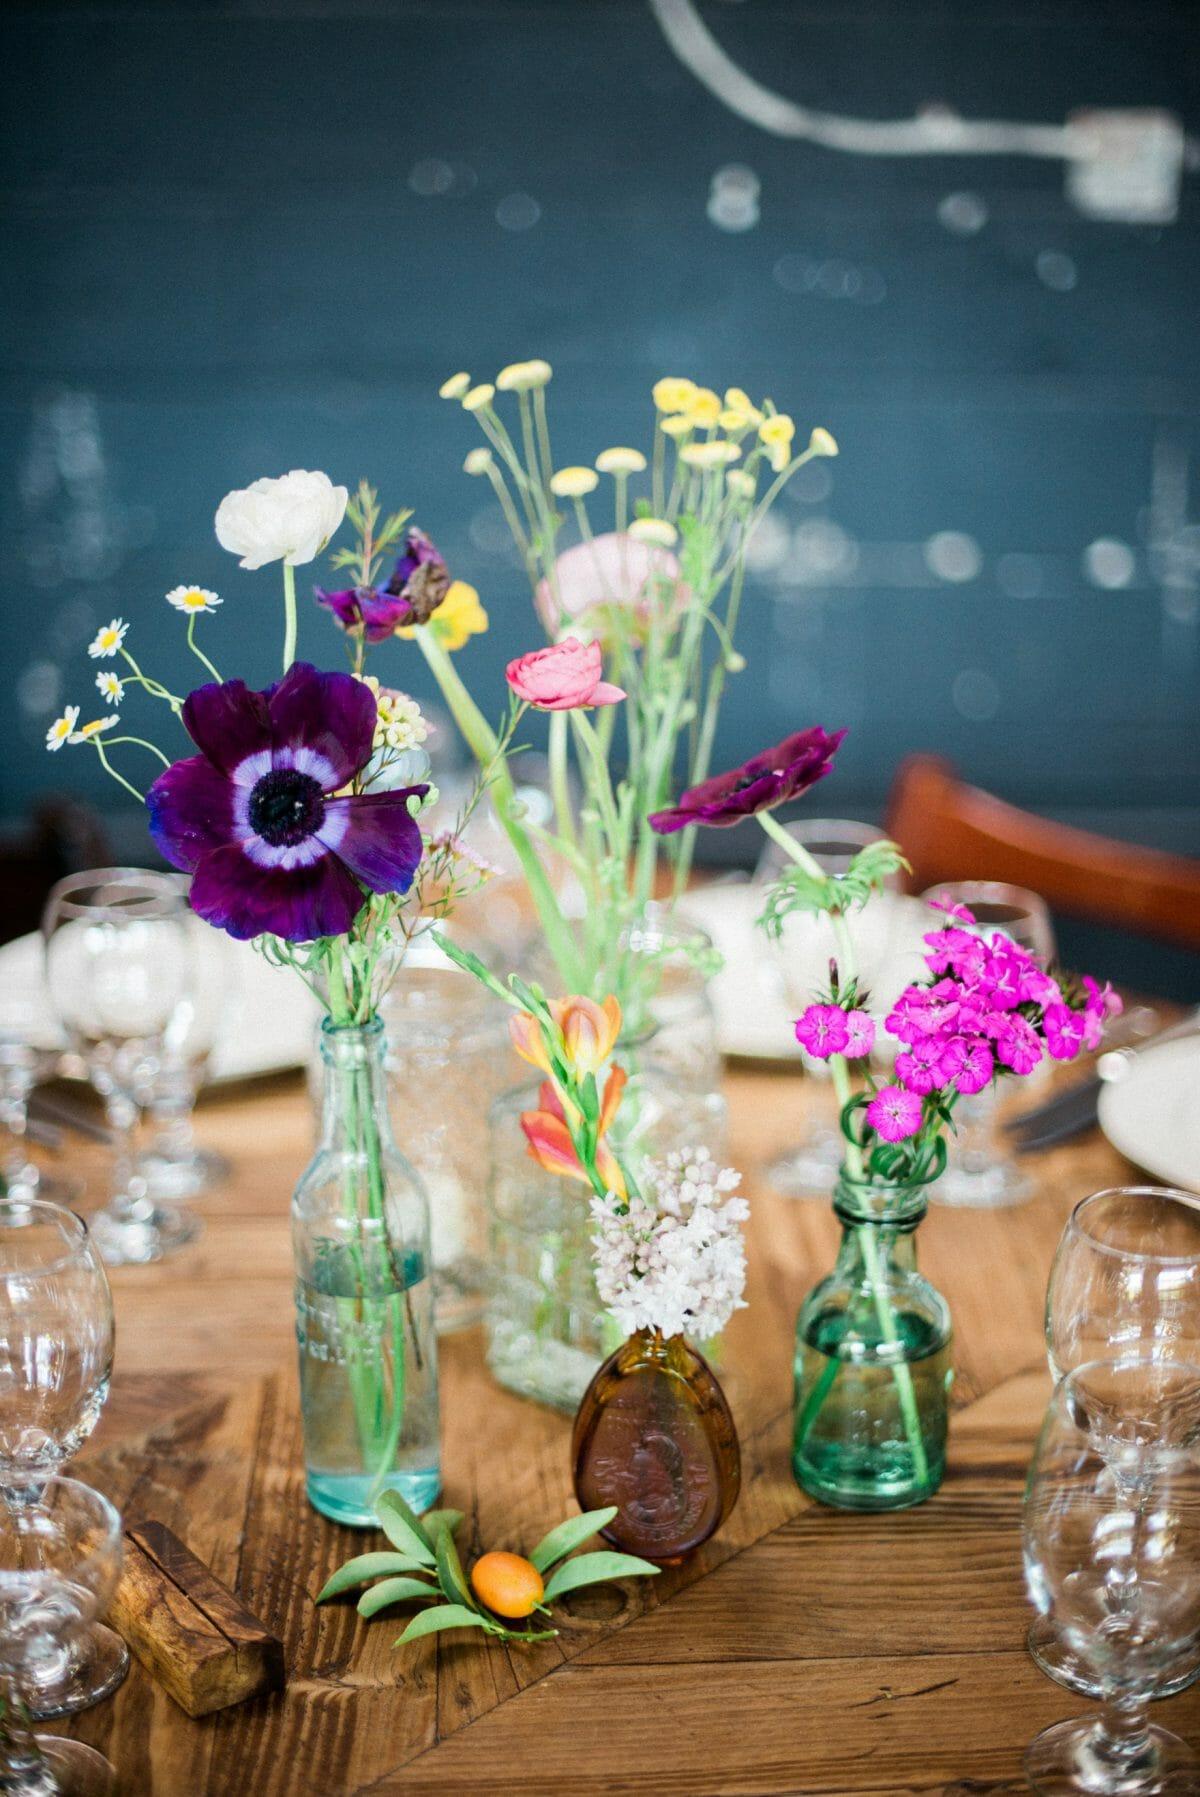 aranżacja z polnych kwiatów w szklanych butelkach